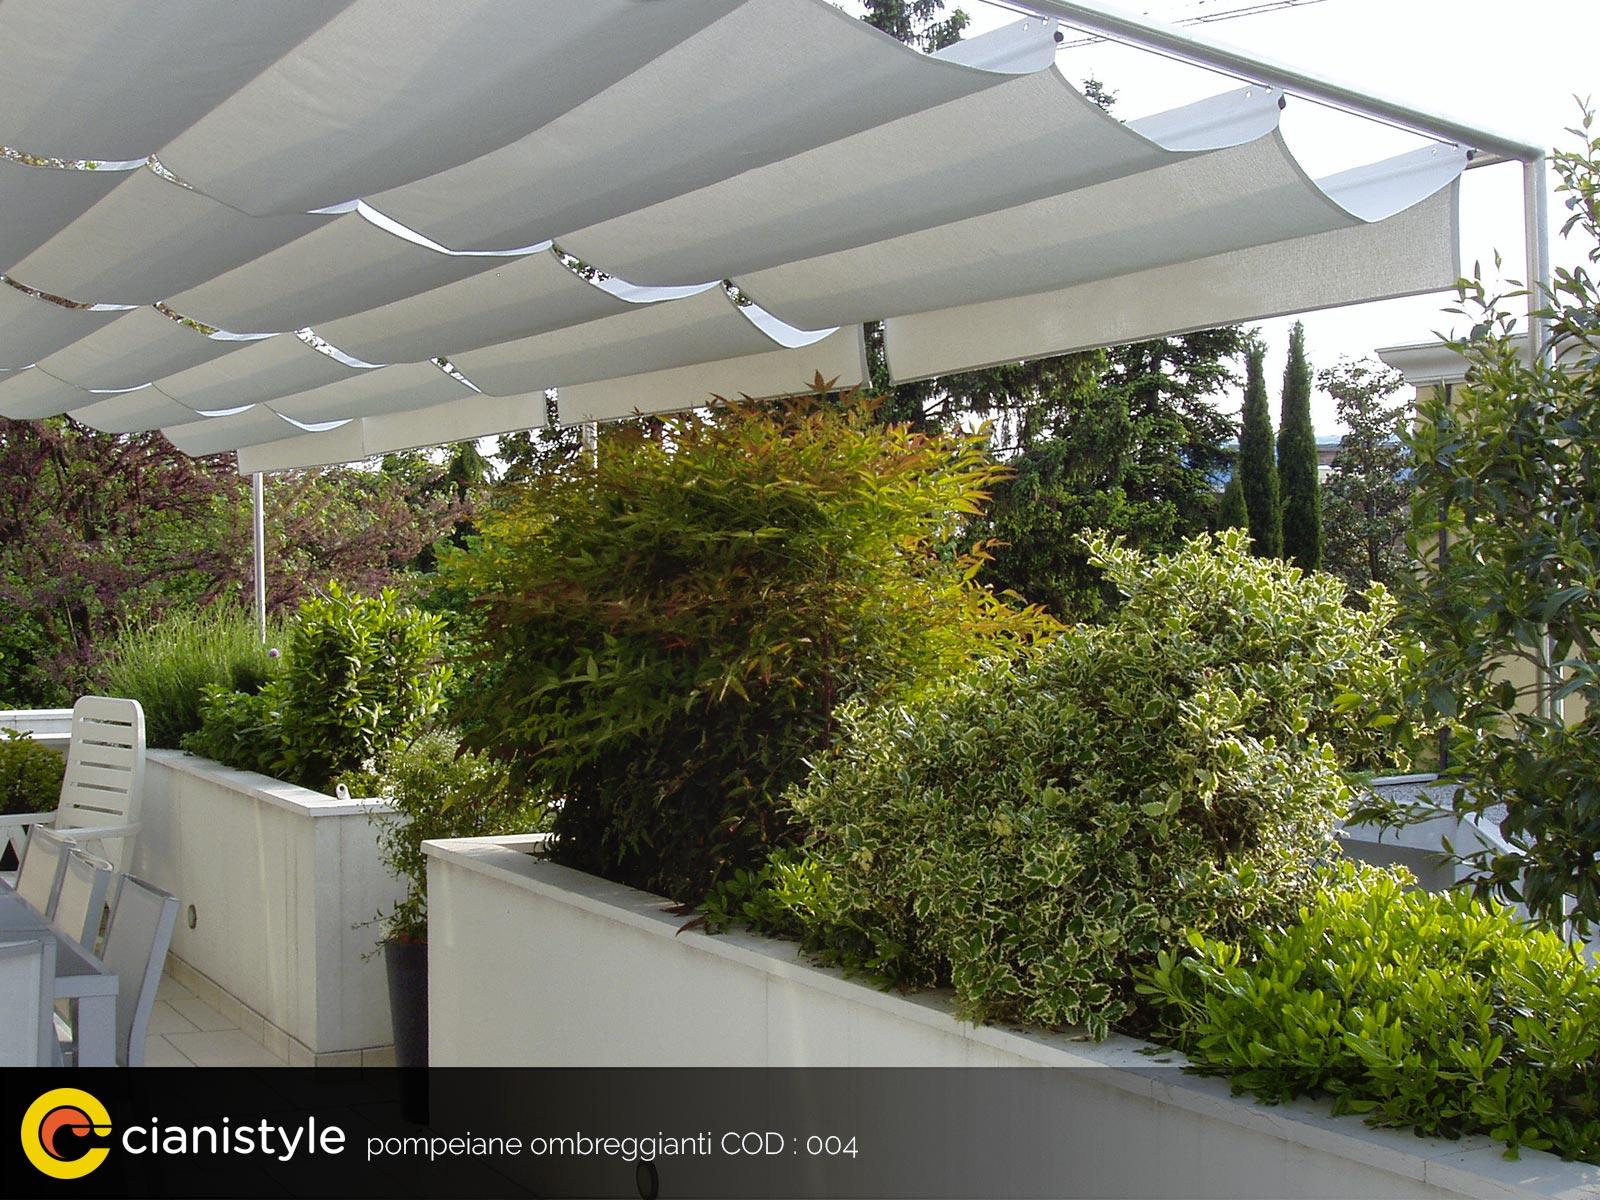 Foto installazioni tende da sole progetti roma portfolio serramenti82 roma. Tende Da Esterno Ombreggiare Terrazze E Giardini Con Tende E Gazebi